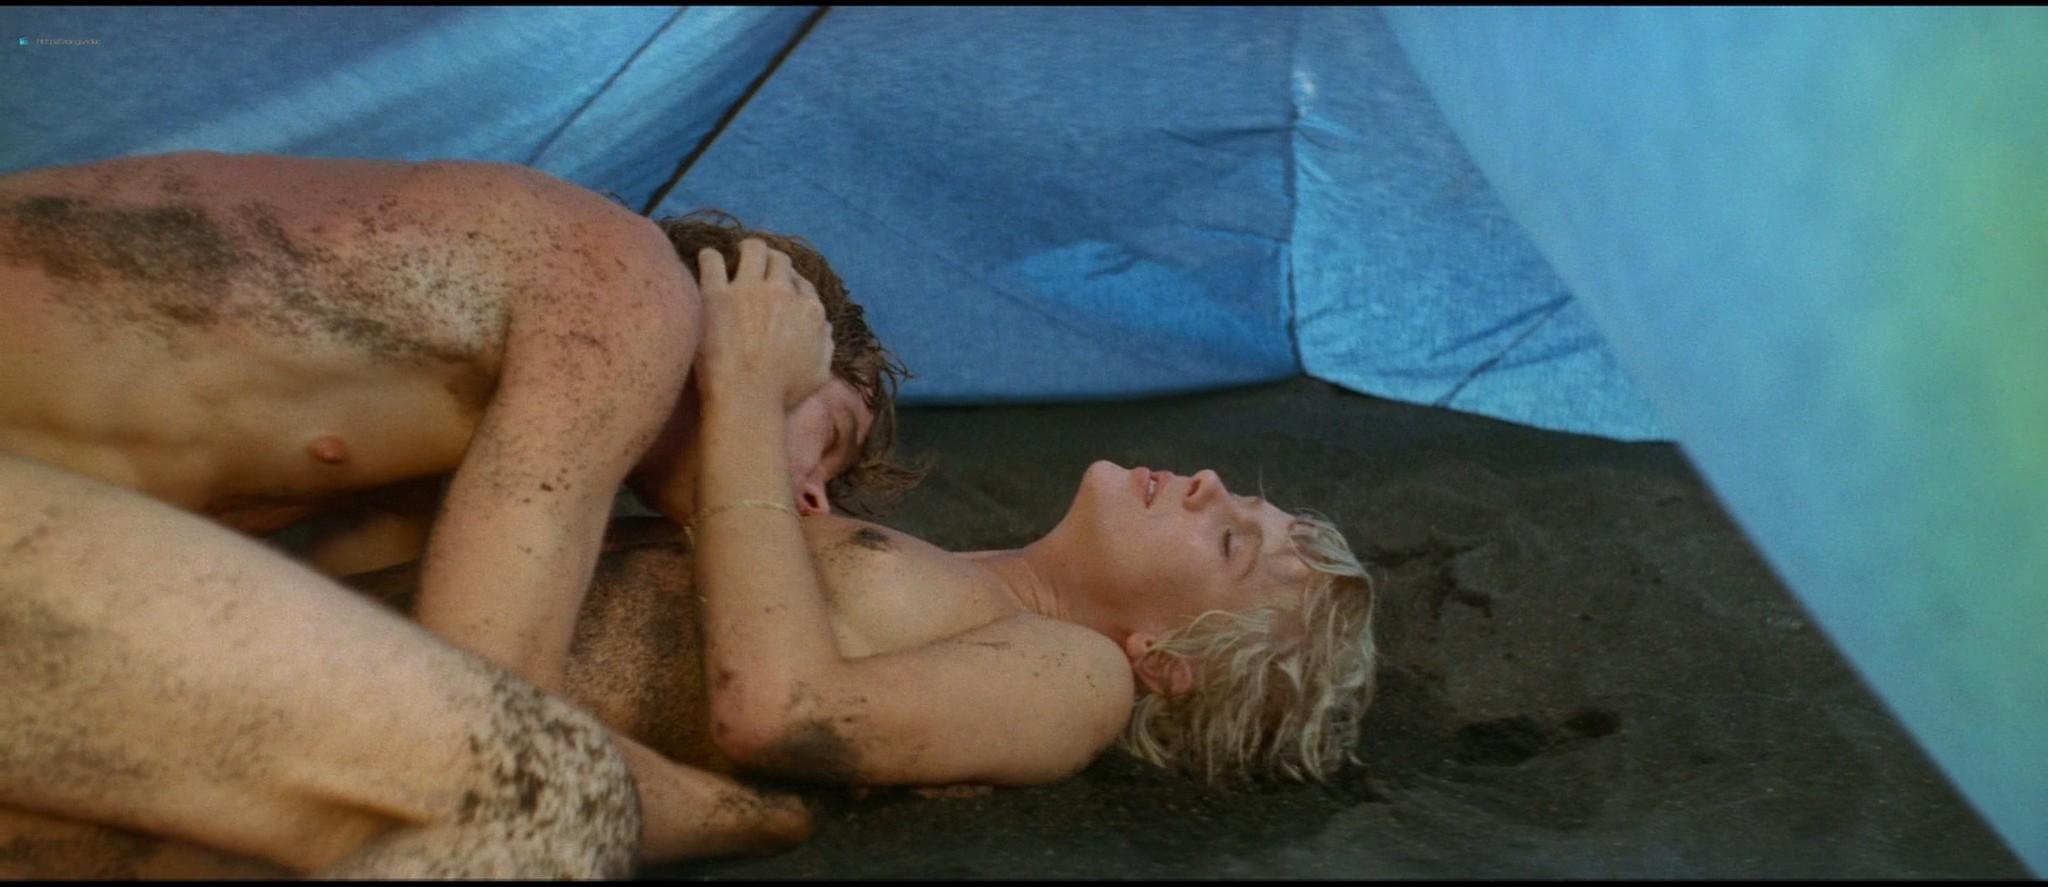 Mimsy Farmer nude full frontal - La Route de Salina (1970) HD 1080p Bluray (8)